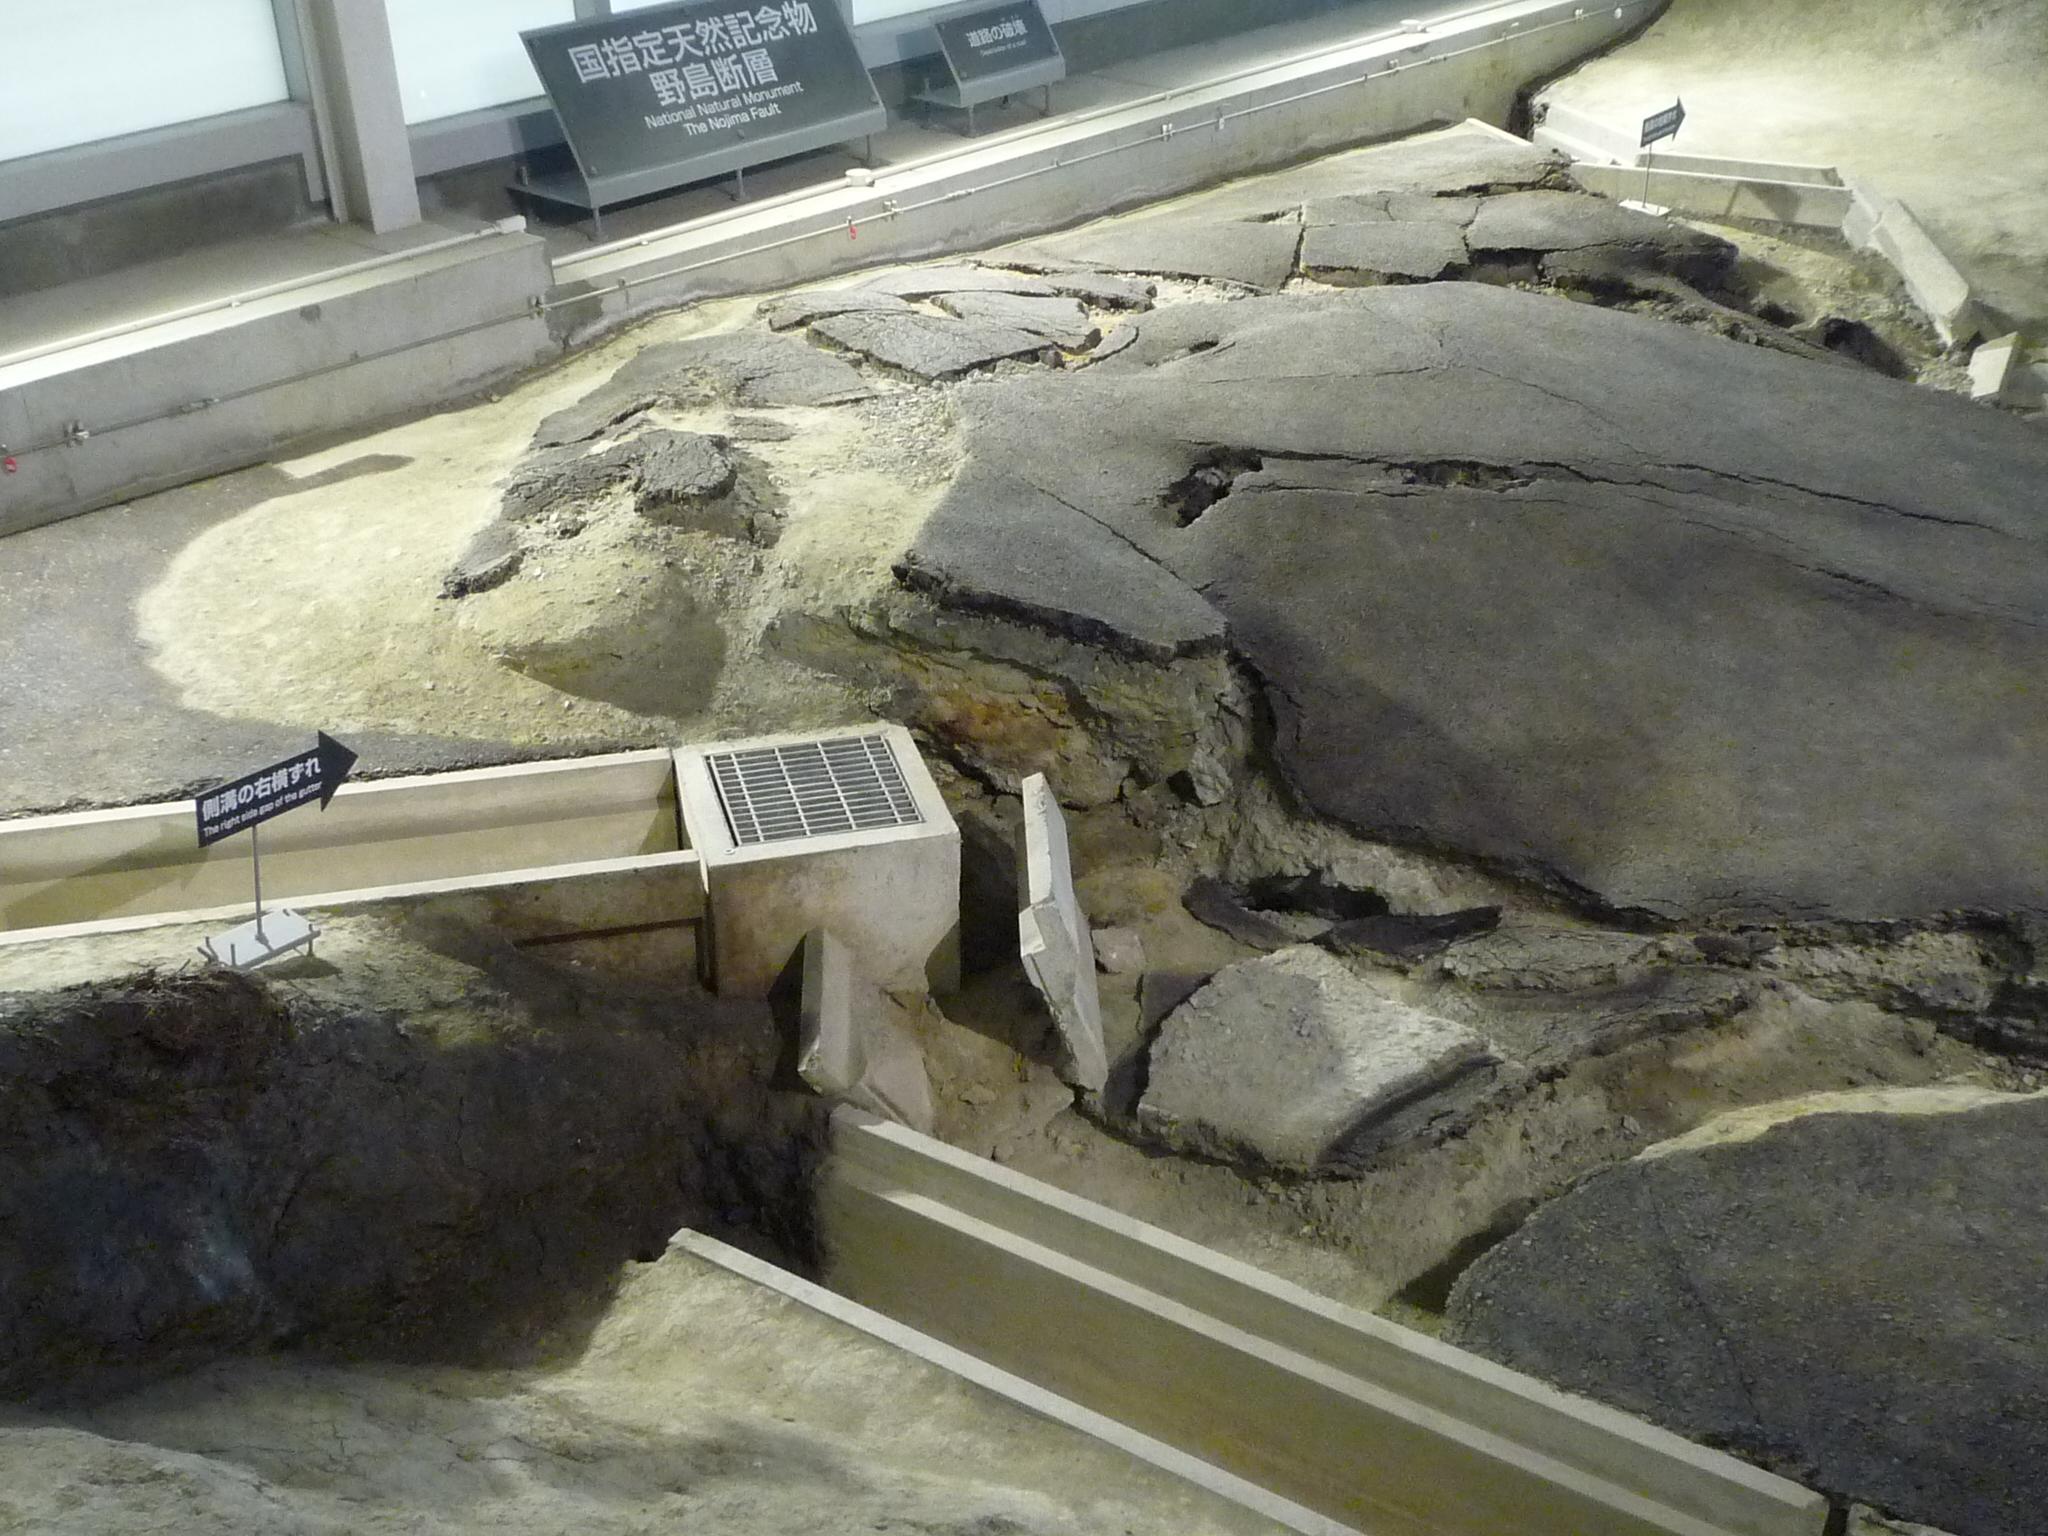 阪神淡路大震災後の復興状況視察の様子